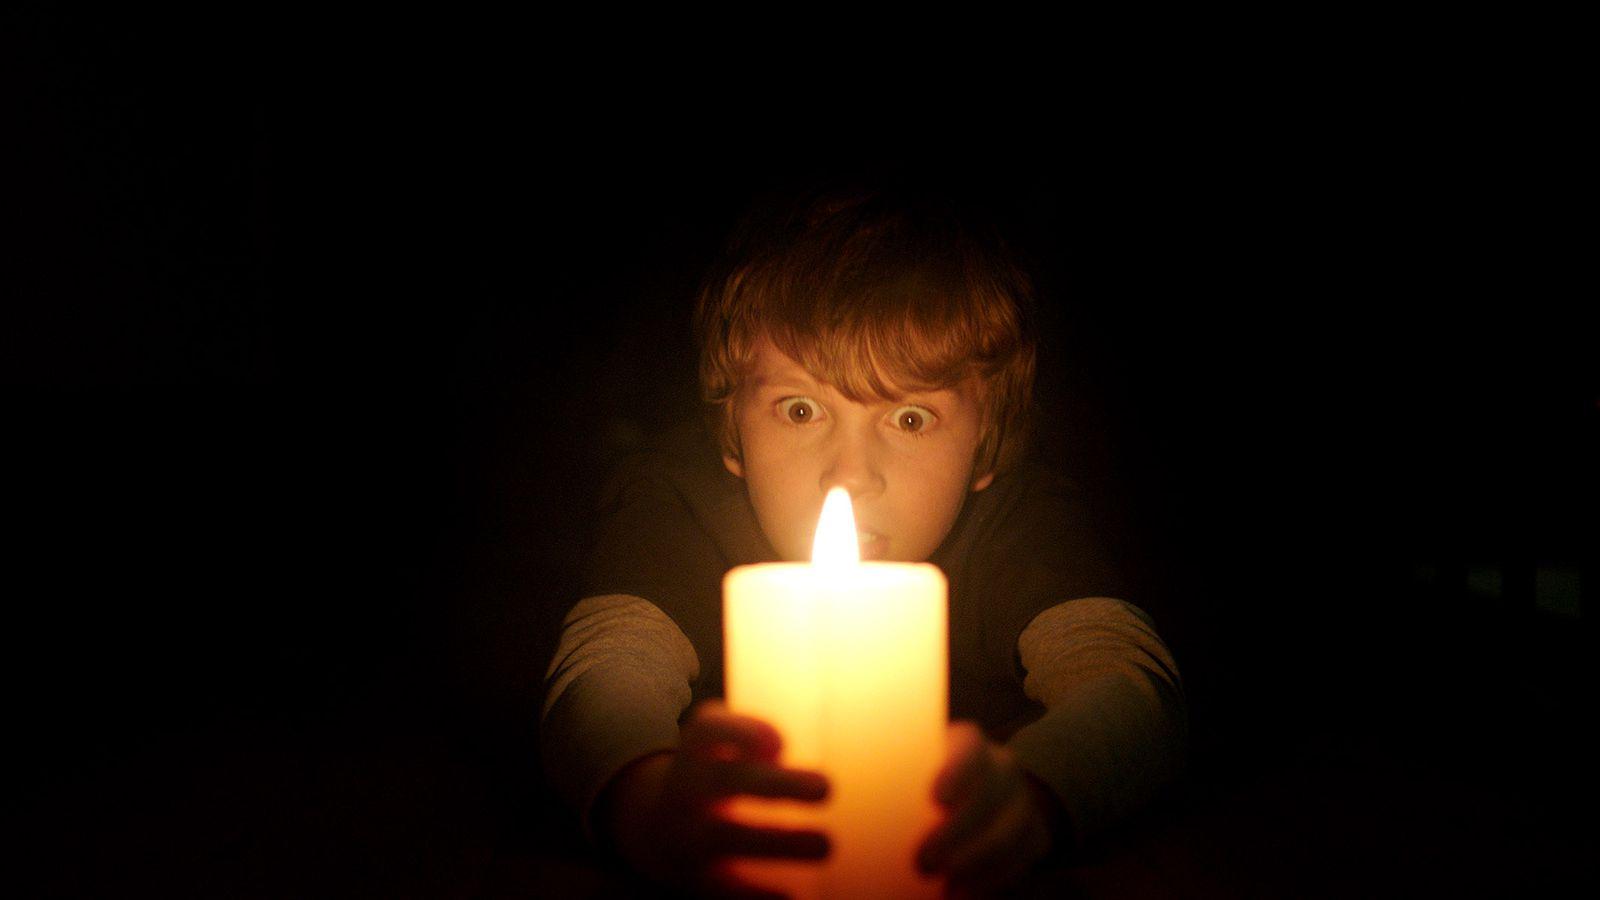 Rädd pojke i skräckfilmen Lights Out